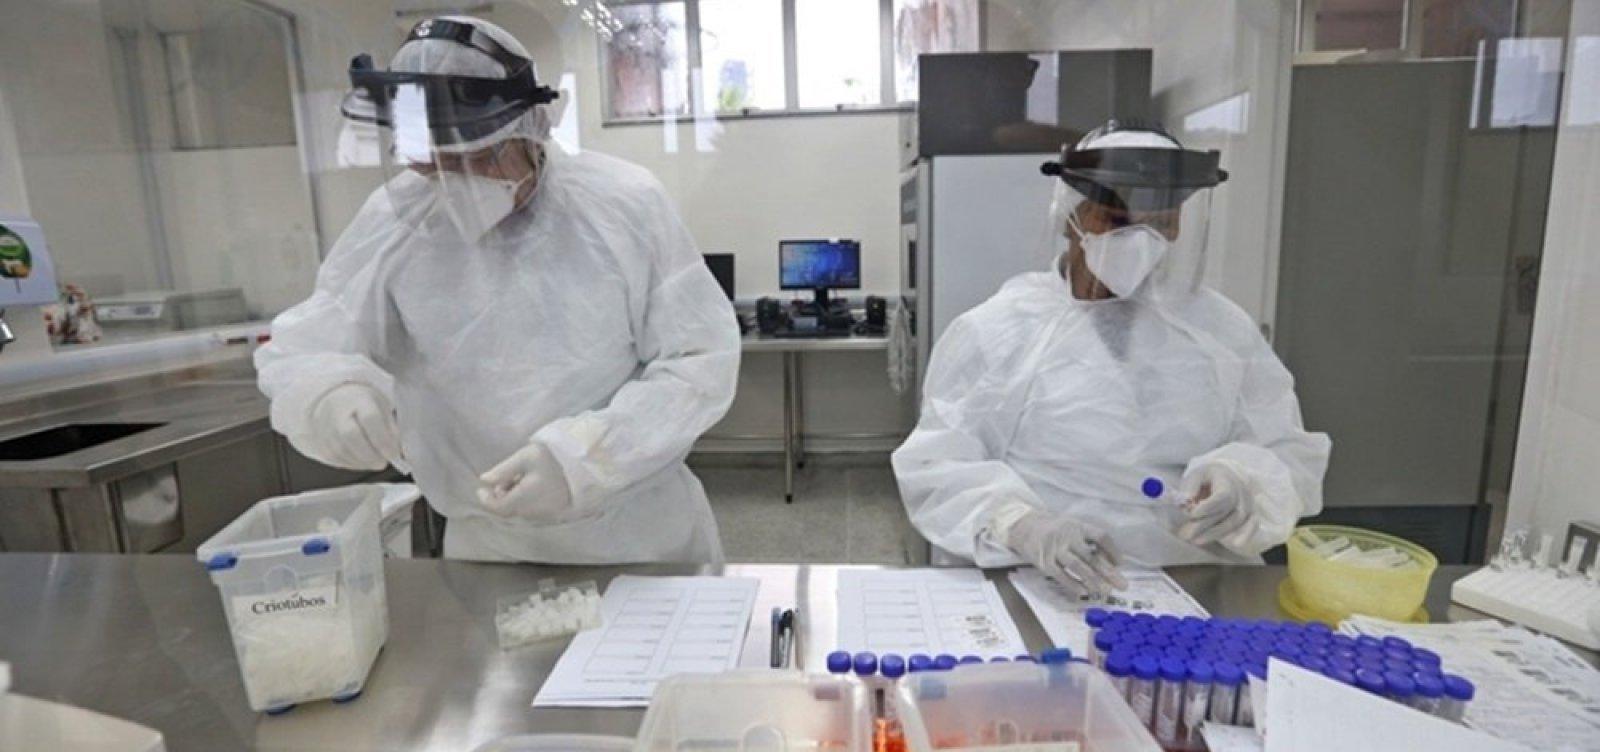 Estudo aponta primeira morte por recorrência da Covid-19 no Brasil